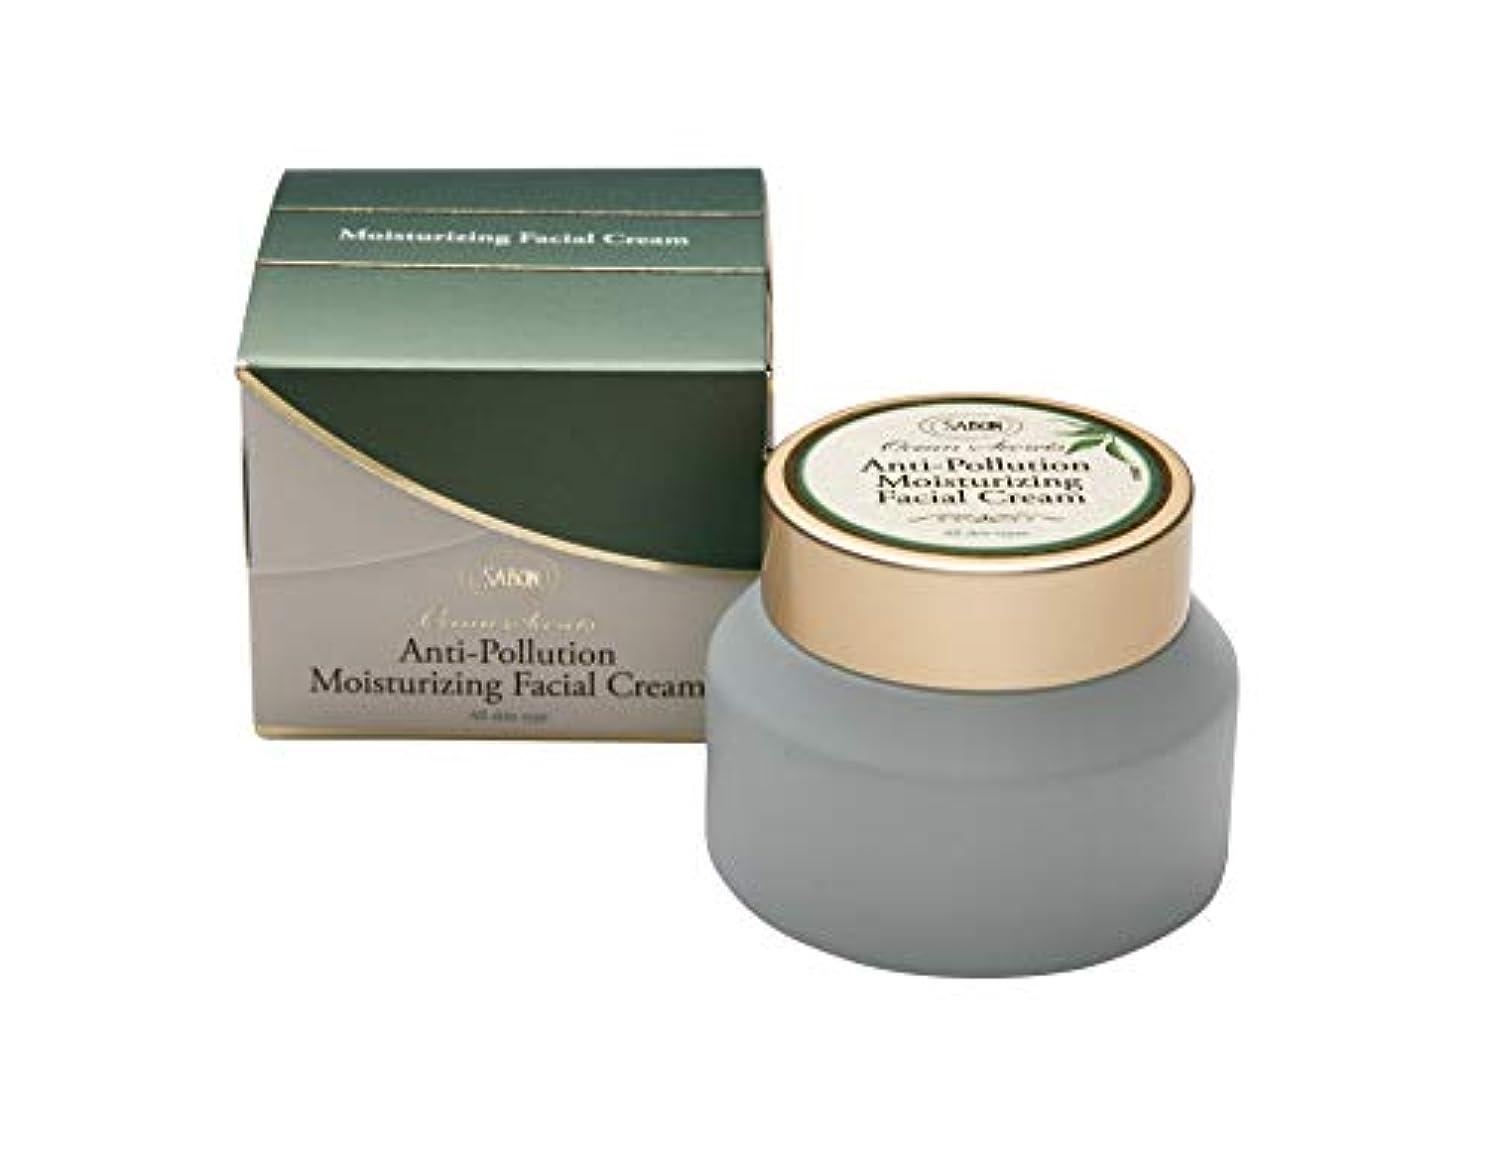 転用仕事に行くその【SABON(サボン)】Ocean Secrets AP Moisturizing Facial Cream(オーシャン シークレット AP モイスチャライジング フェイシャル クリーム) イスラエルより直送 [並行輸入品]